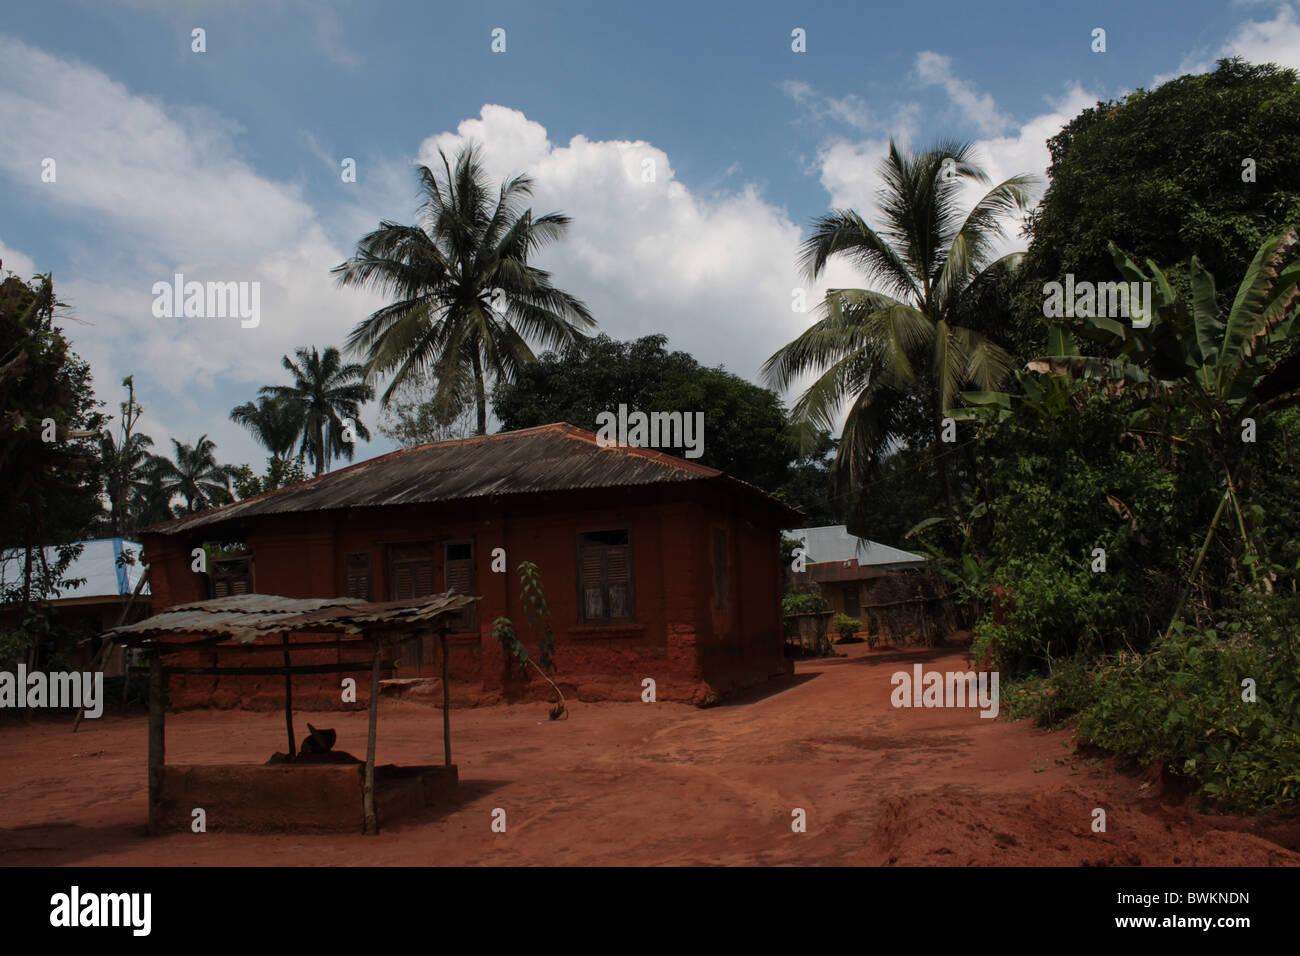 Best Kitchen Gallery: Nigeria Village House Stock Photos Nigeria Village House Stock of Rural Houses In Nigeria on rachelxblog.com